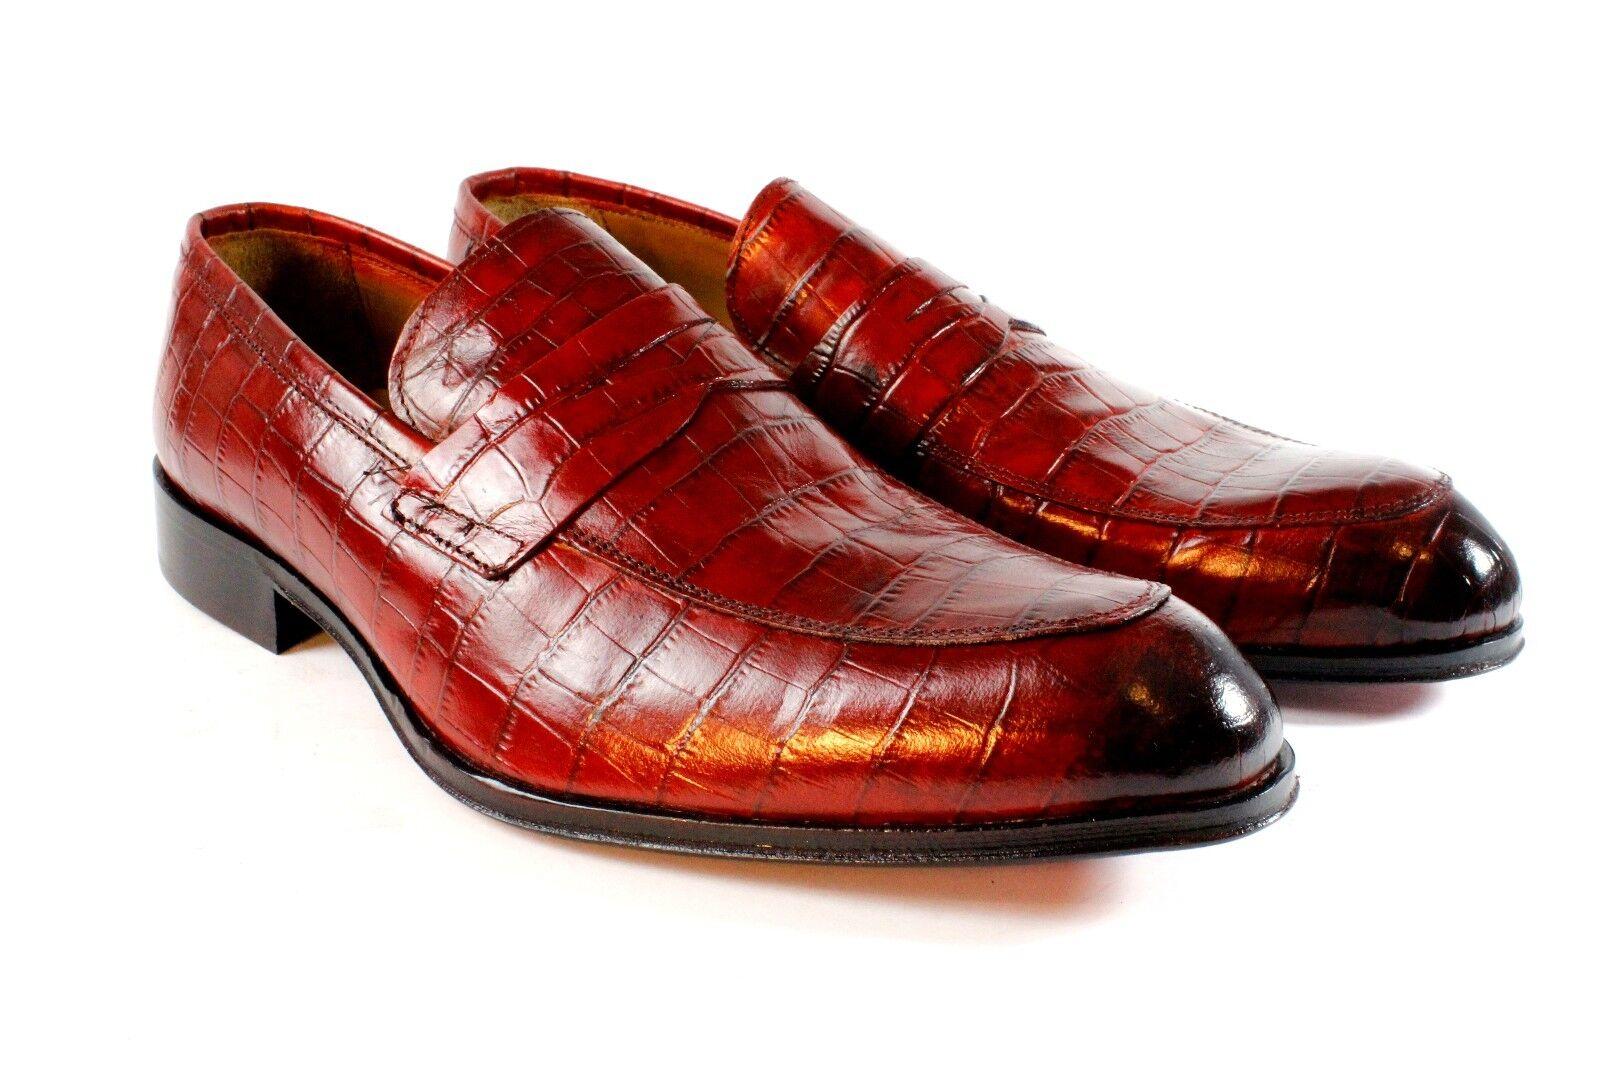 Ivan Troy Rojo Cocodrilo Hecho a Mano Cuero Italiano Zapatos Vestido Mocasín